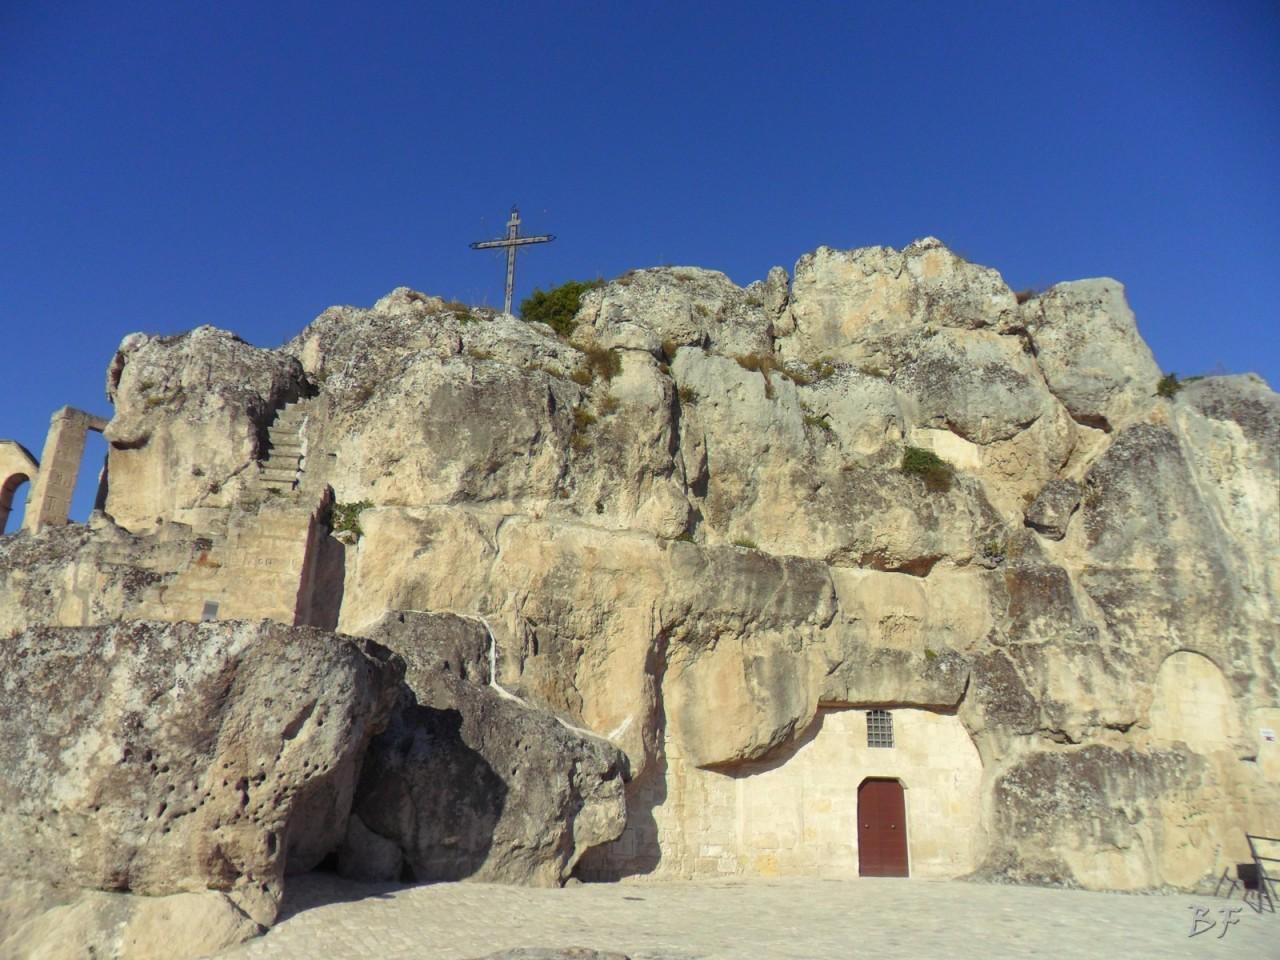 1_Sasso-Caveoso-Edifici-Rupestri-Megaliti-Sassi-di-Matera-basilicata-Italia-13